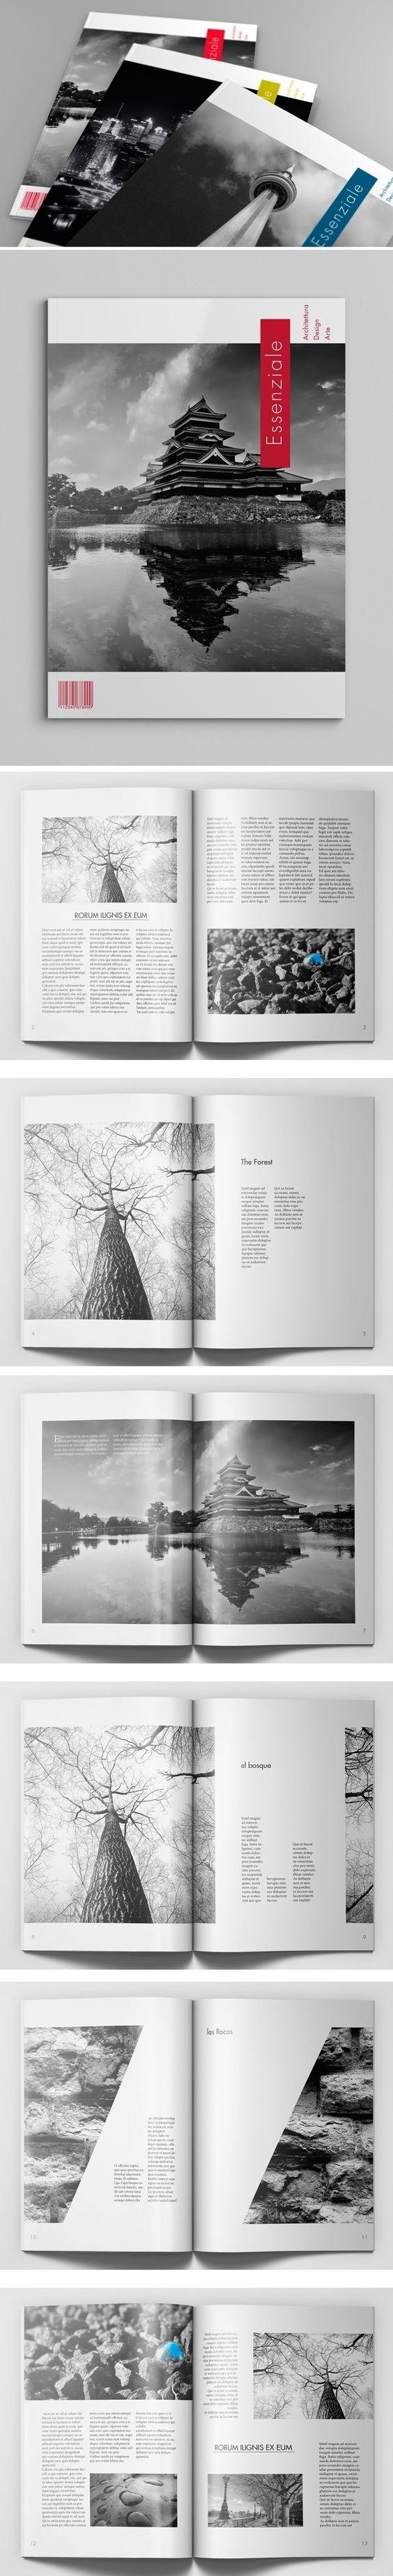 Portfolio Corsi Ilas - Marco Santorelli, Docente progettazione: Alessandro Cocchia, Docente software: Rosario Mancini, Categoria: Graphic Design - © ilas 2015